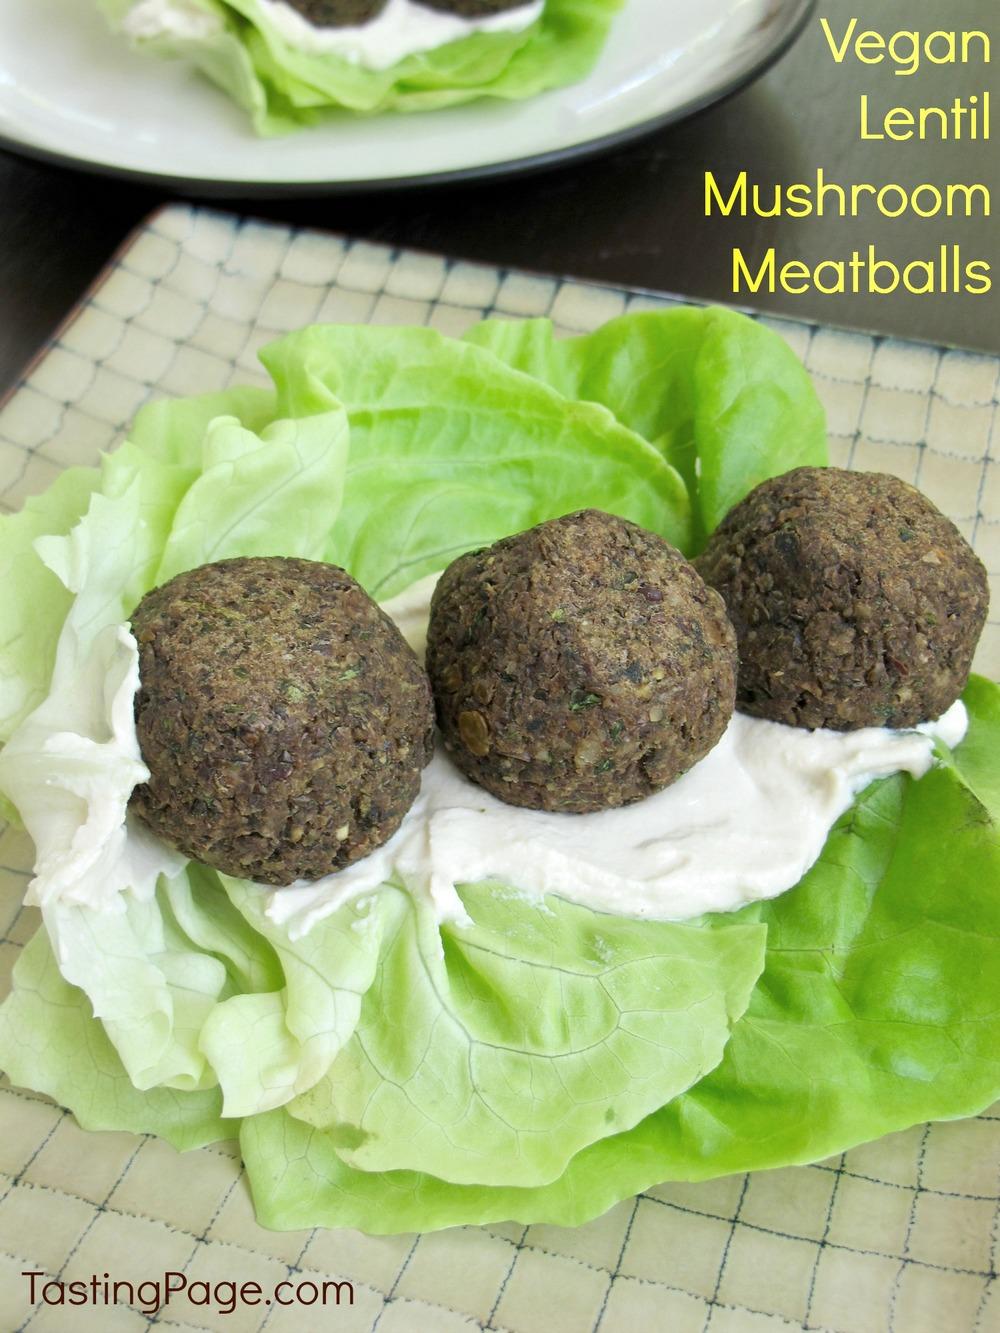 Vegan Lentil Mushroom Meatballs - a tasty meat-less meal filled with ...